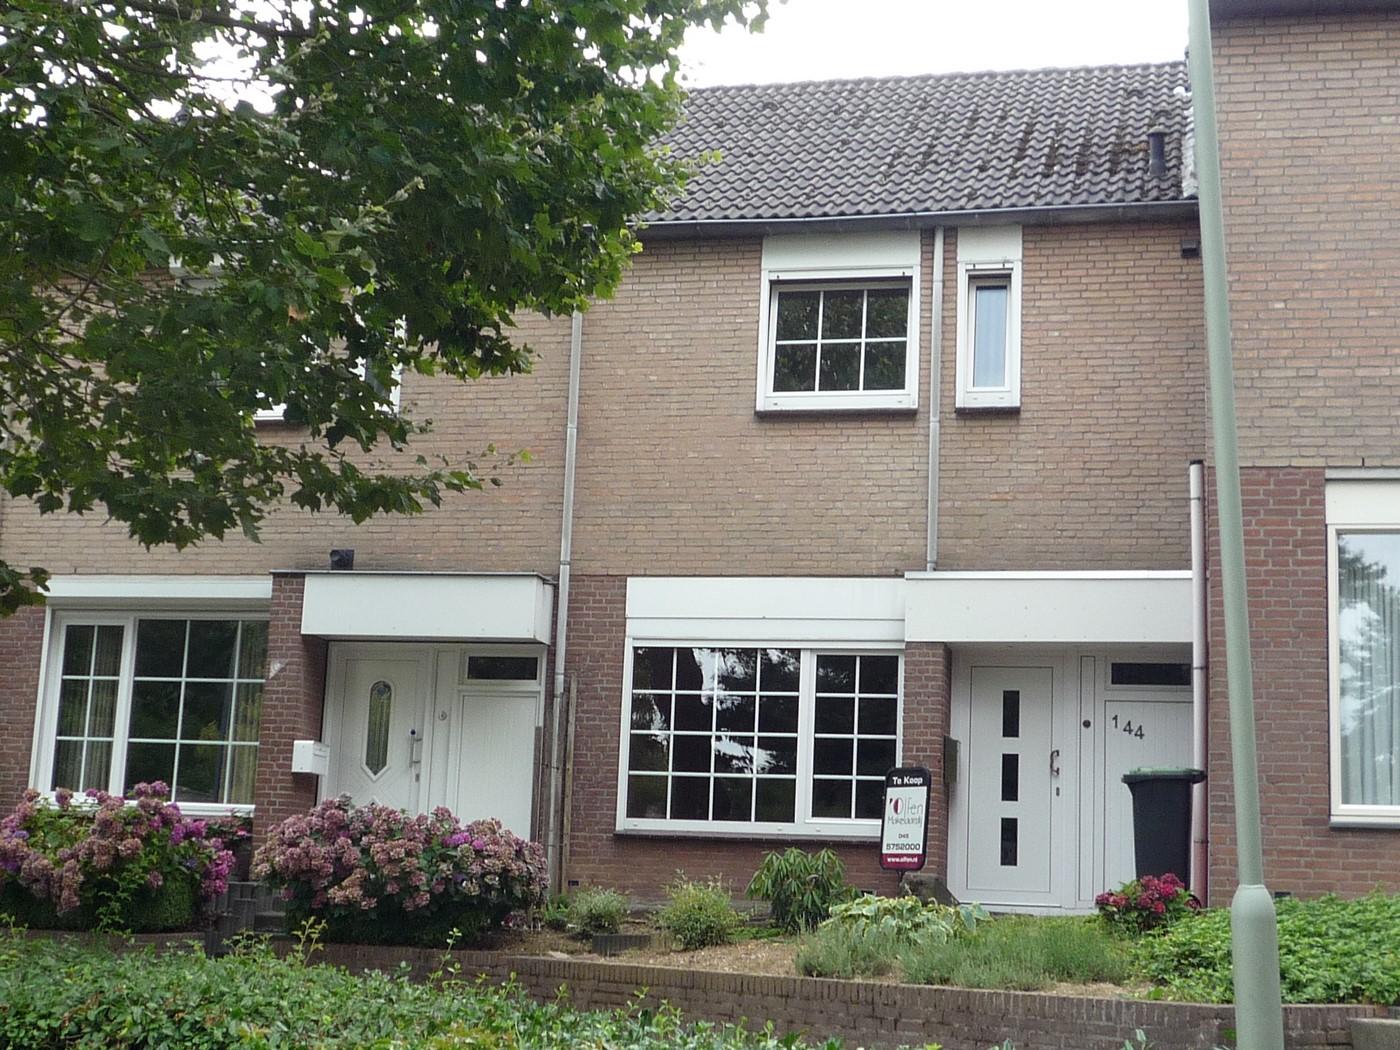 Groenstraat 144, Landgraaf